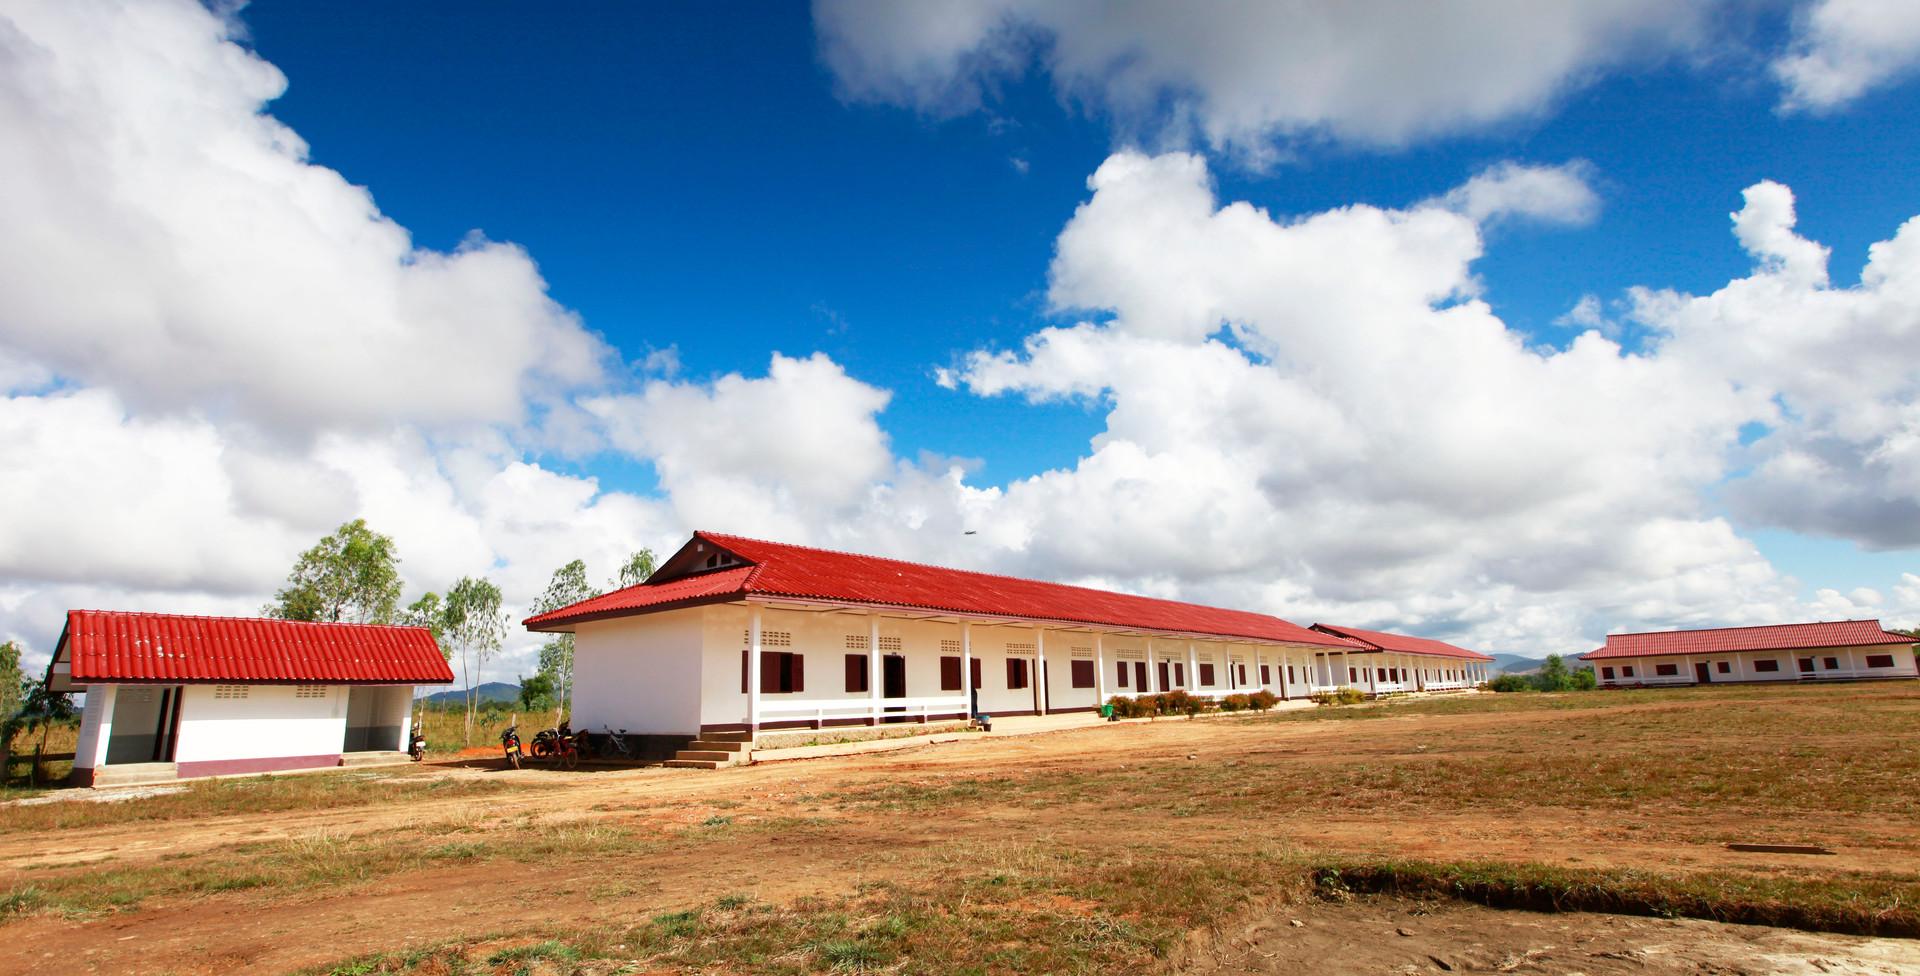 라오스 씨엥쾅주 세일롬학교 (건축) 전경.JPG